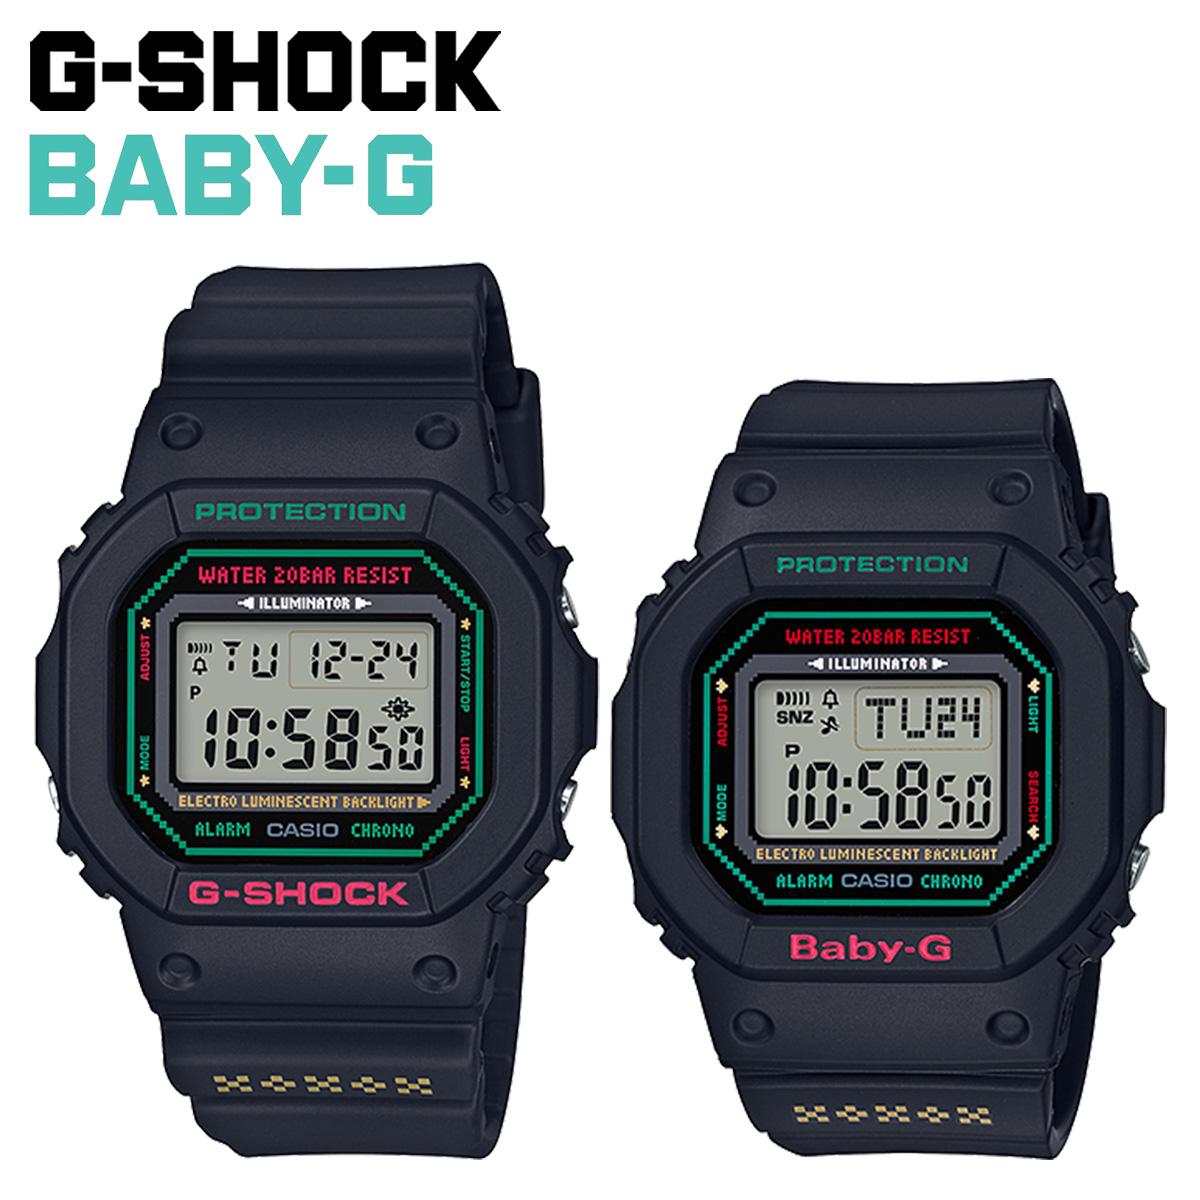 CASIO G-SHOCK BABY-G カシオ 腕時計 LOV-19B-1JR ラバーズコレクション ラバコレ ペアウォッチ ジーショック Gショック ベビージー ベビーG メンズ レディース ブラック 黒:Goods Lab+